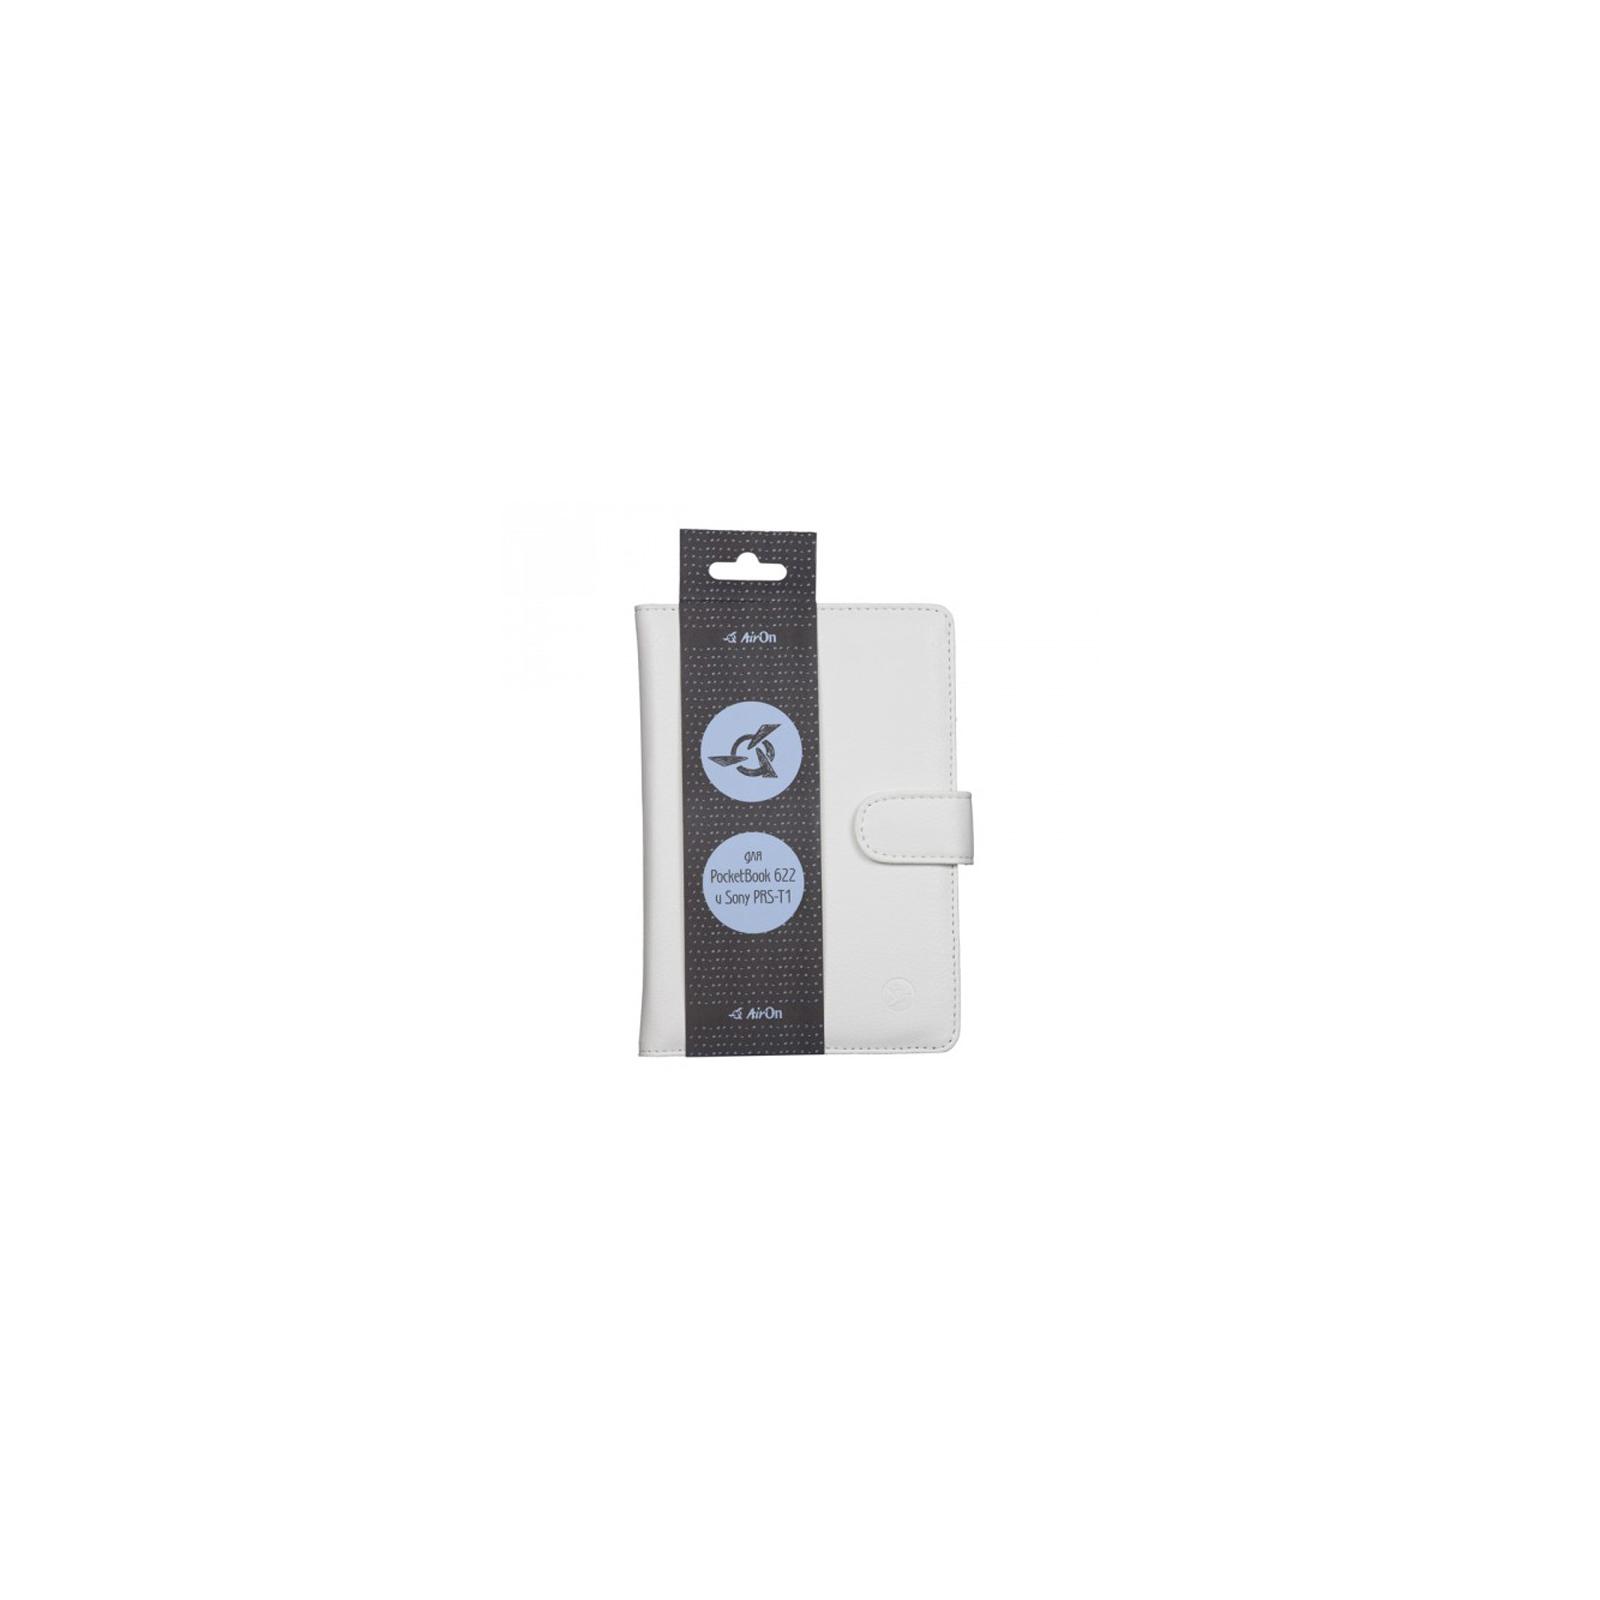 Чехол для электронной книги AirOn для PocketBook 622/623 Touch (white) (6946795860013) изображение 4